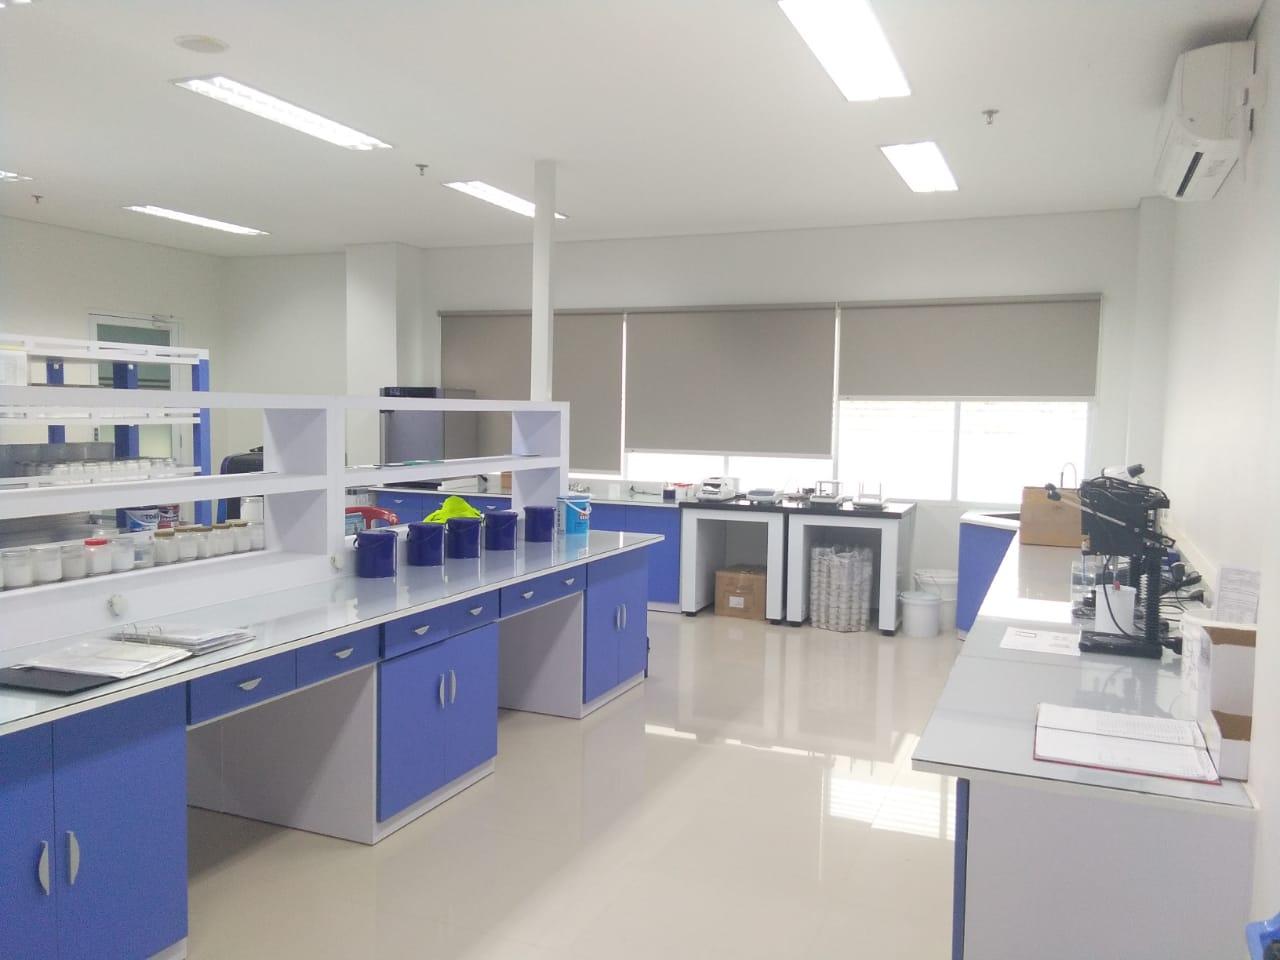 furniture laboratorium_081293846364